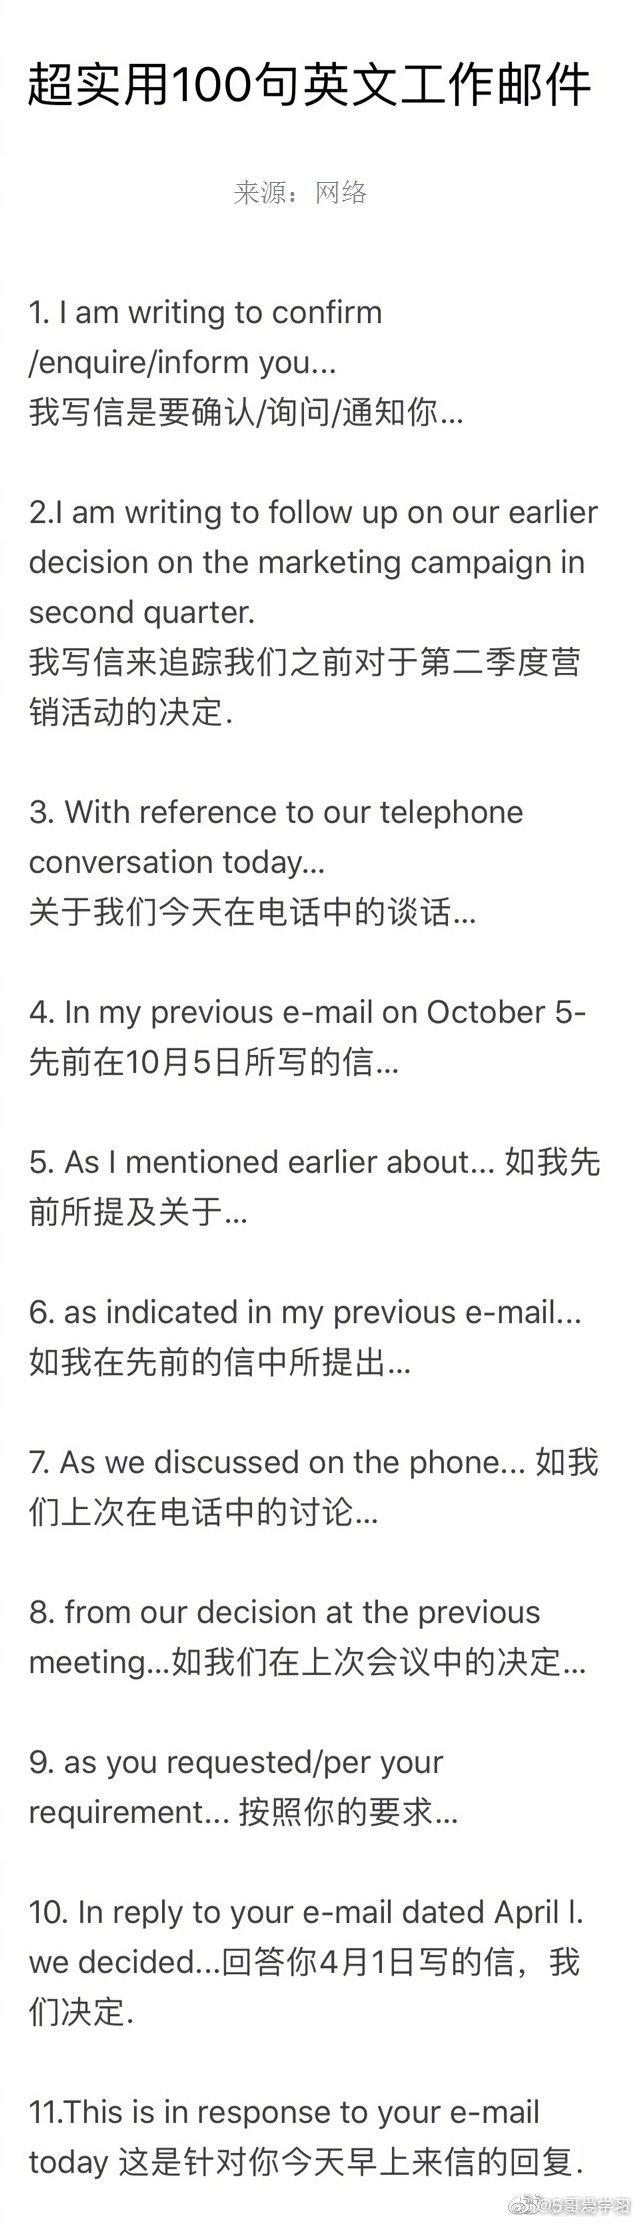 超实用100句英文工作邮件。